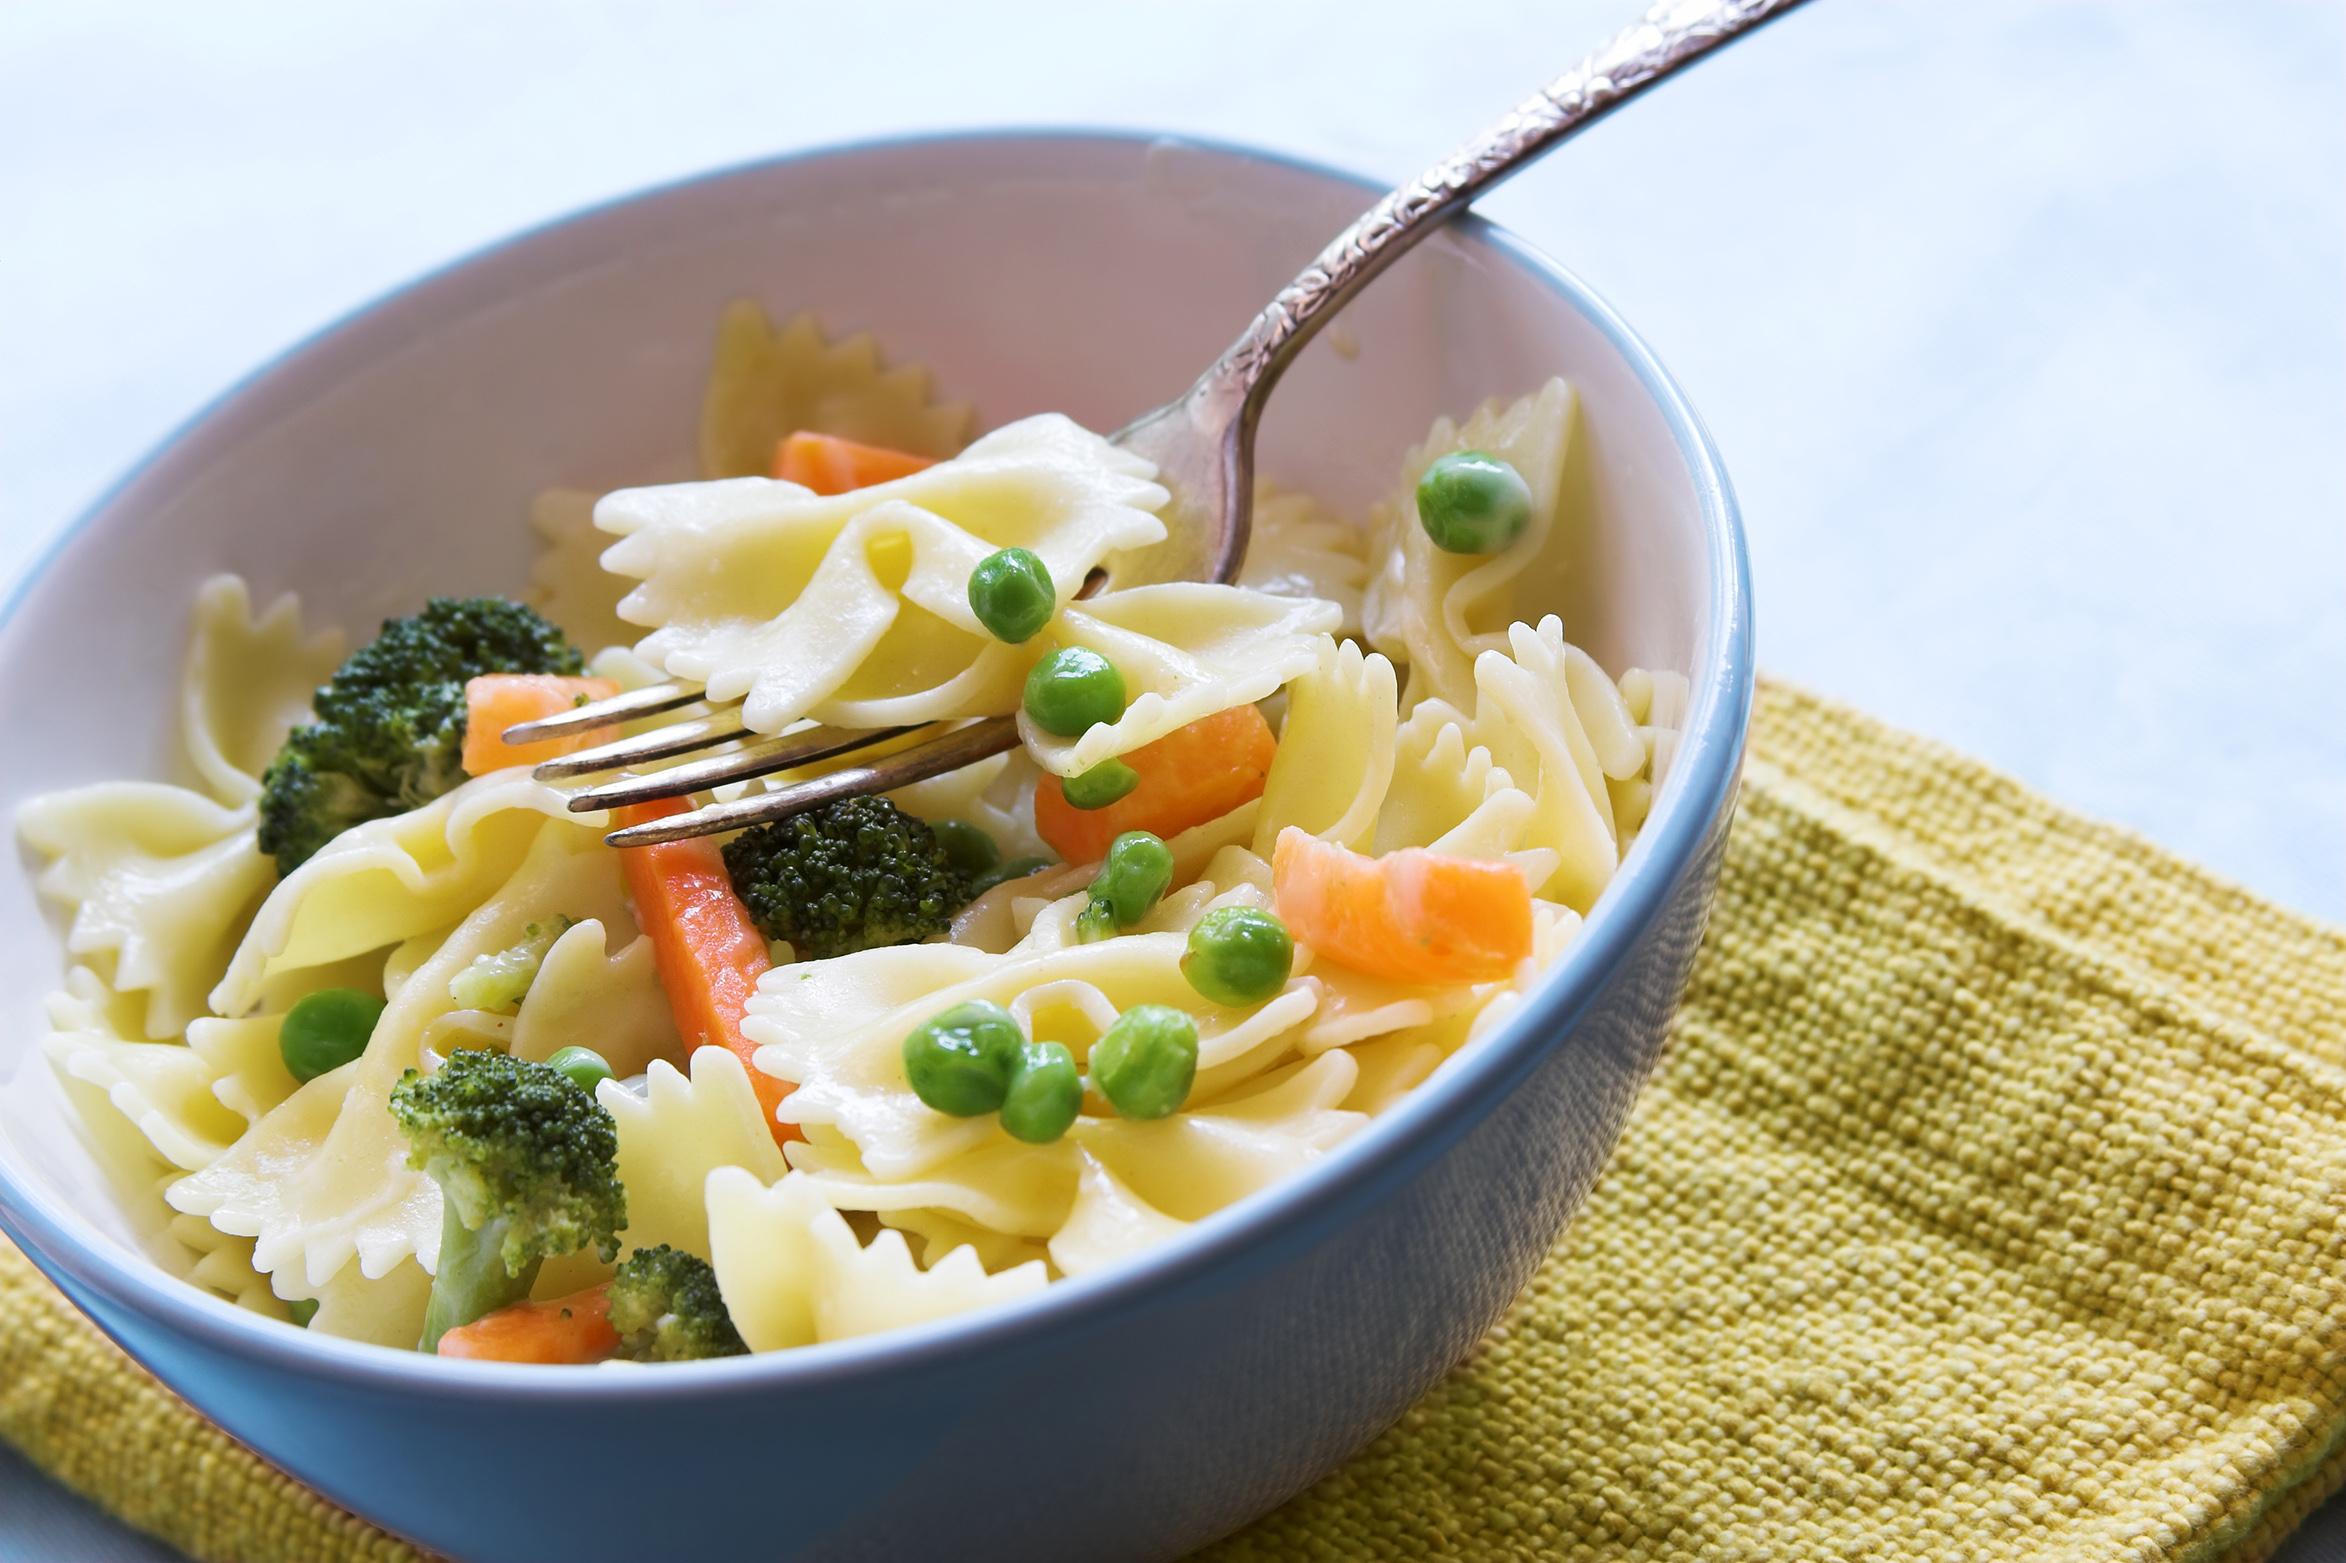 Pasta le ricette di primavera welovepasta for Ricette di pasta